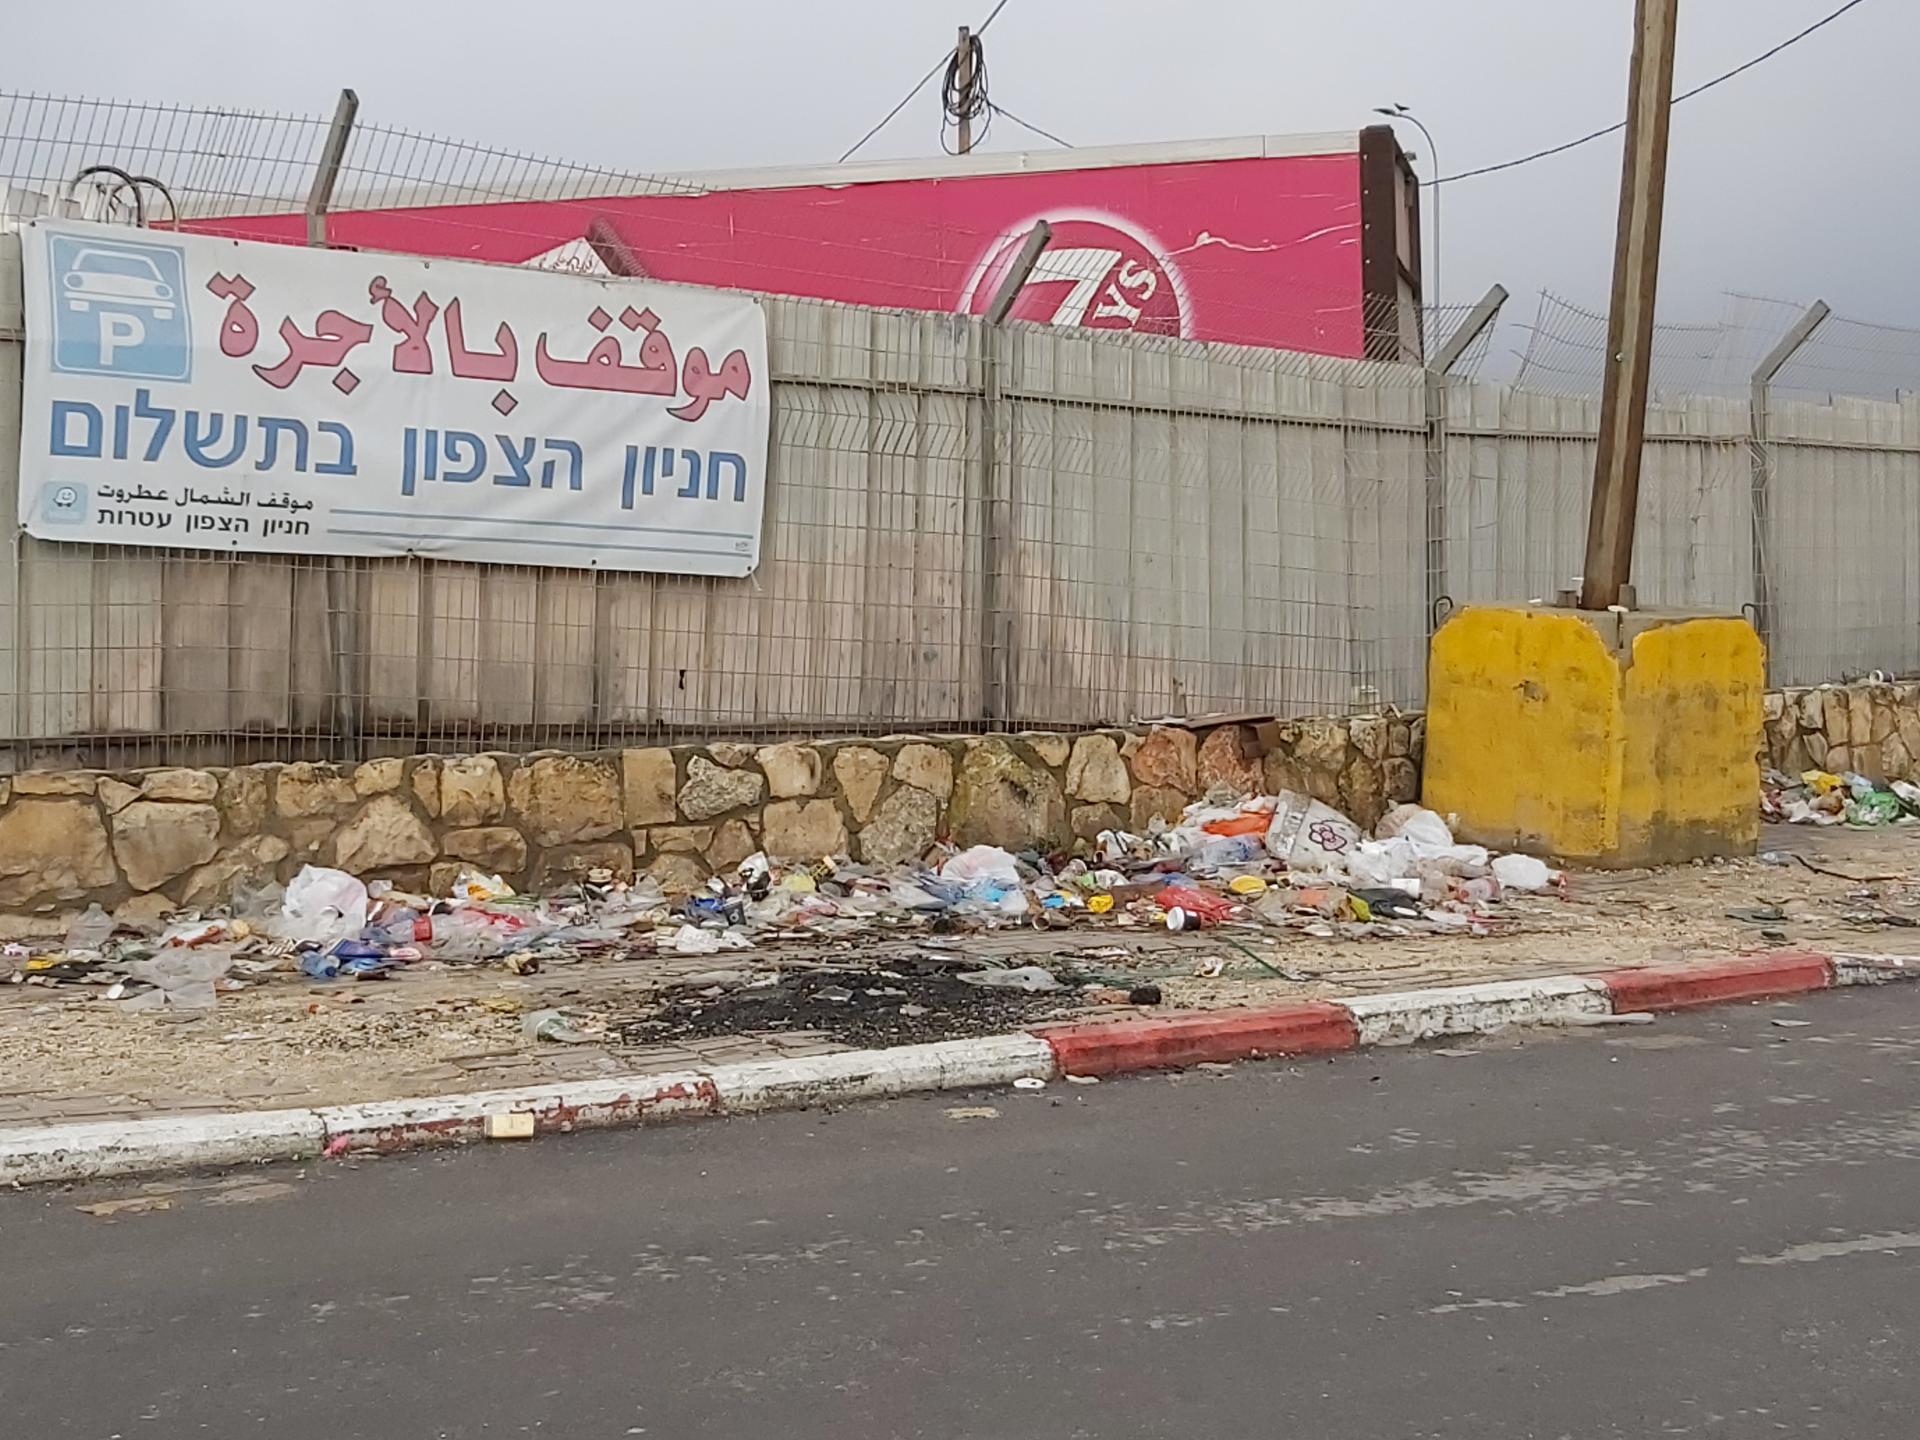 בצד הישראלי האשפה נאספת כרגיל